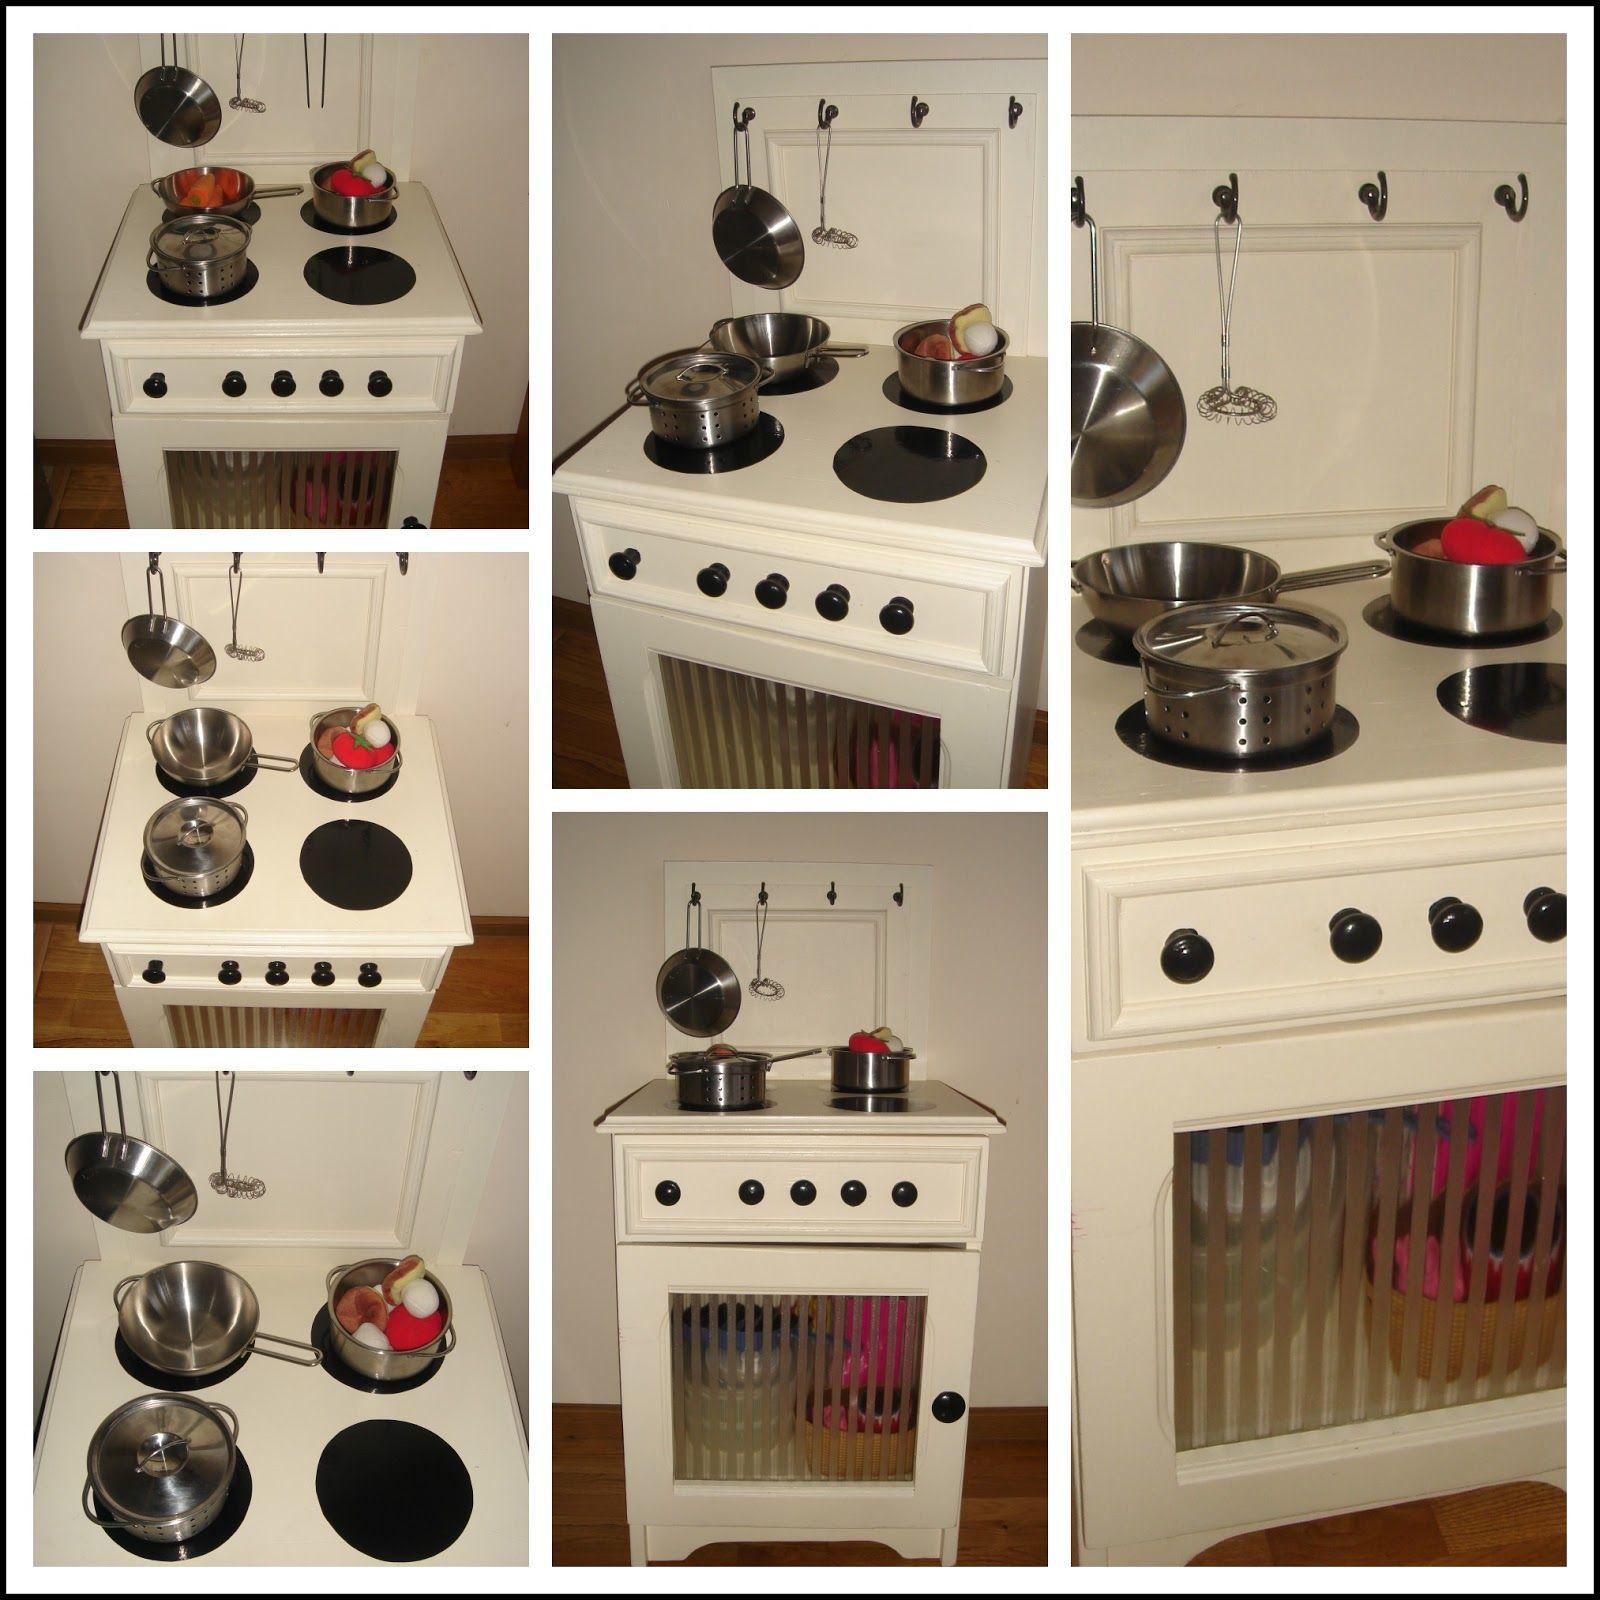 Nasze Domowe Diy Czyli Recznie Zrobiona Dziecieca Kuchnia Pozytywne Rodzicielstwo Holiday Decor Decor Home Decor